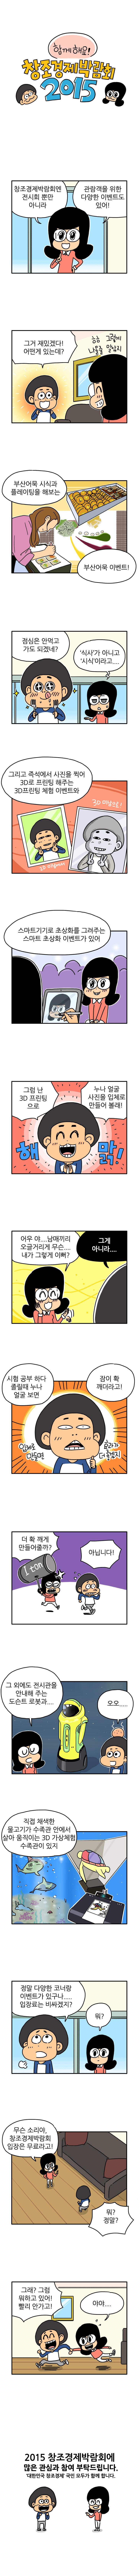 2015 창조경제박람회 홍보웹툰 4화